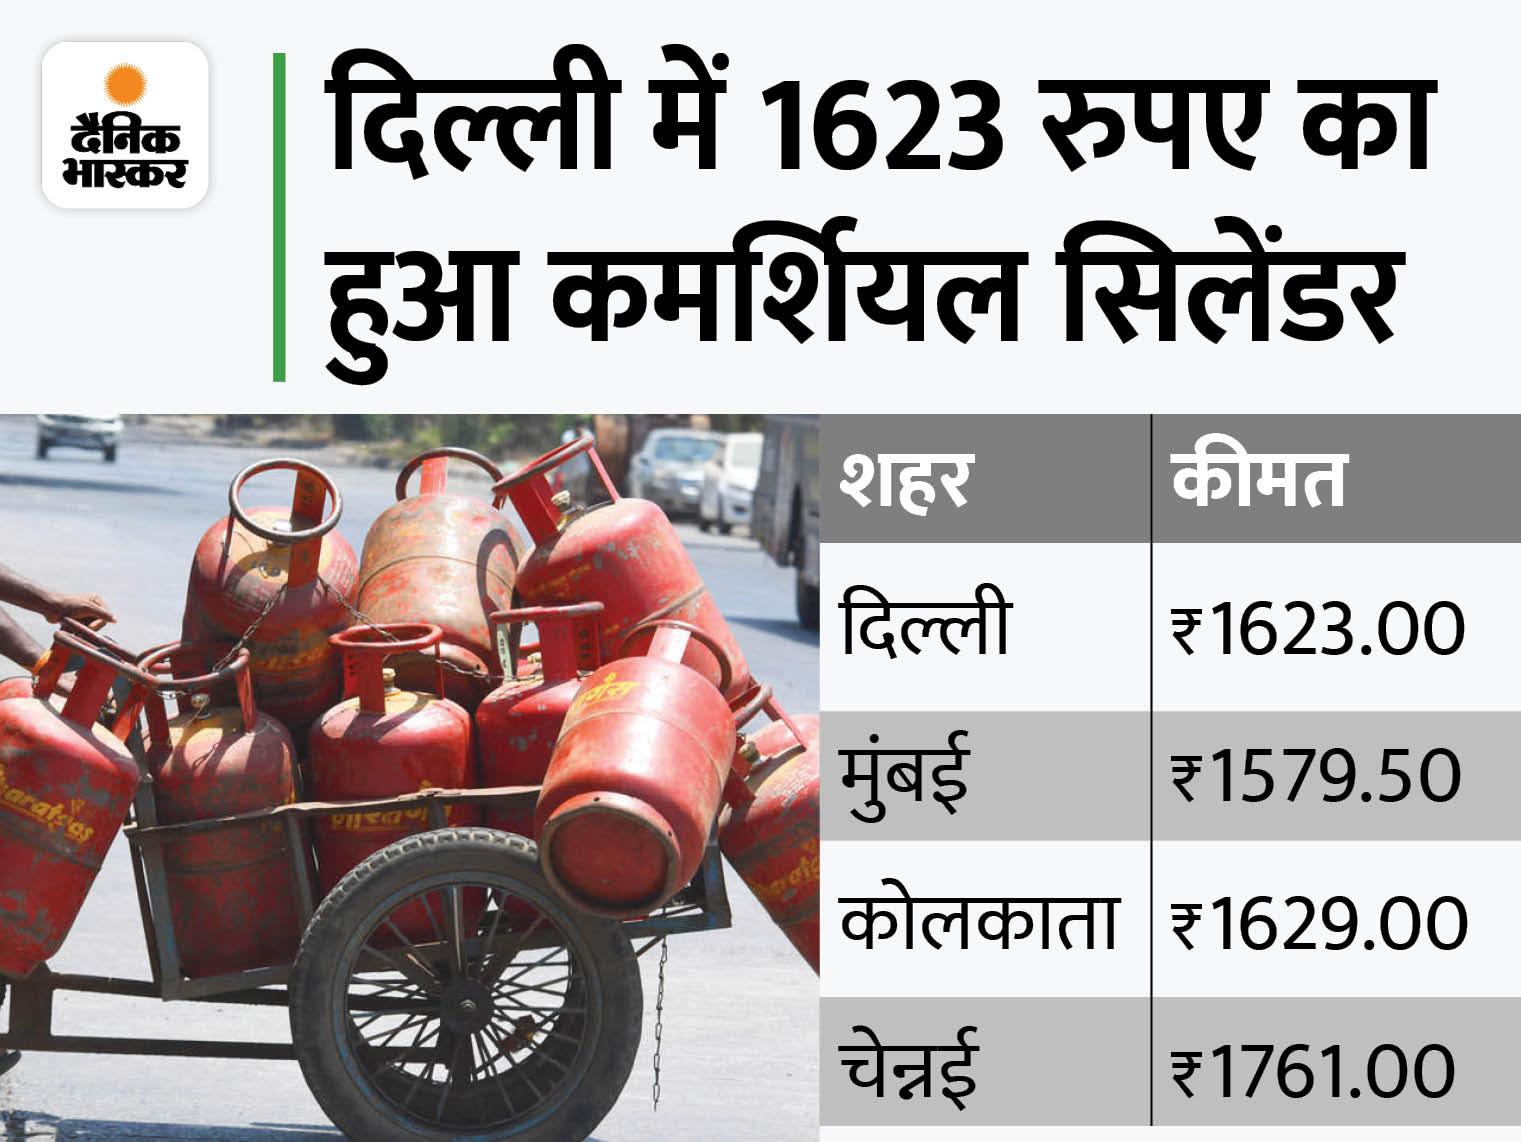 19 किलो वाले LPG सिलेंडर की कीमत 73.5 रुपए बढ़ी, नए रेट आज से लागू हुए|बिजनेस,Business - Dainik Bhaskar